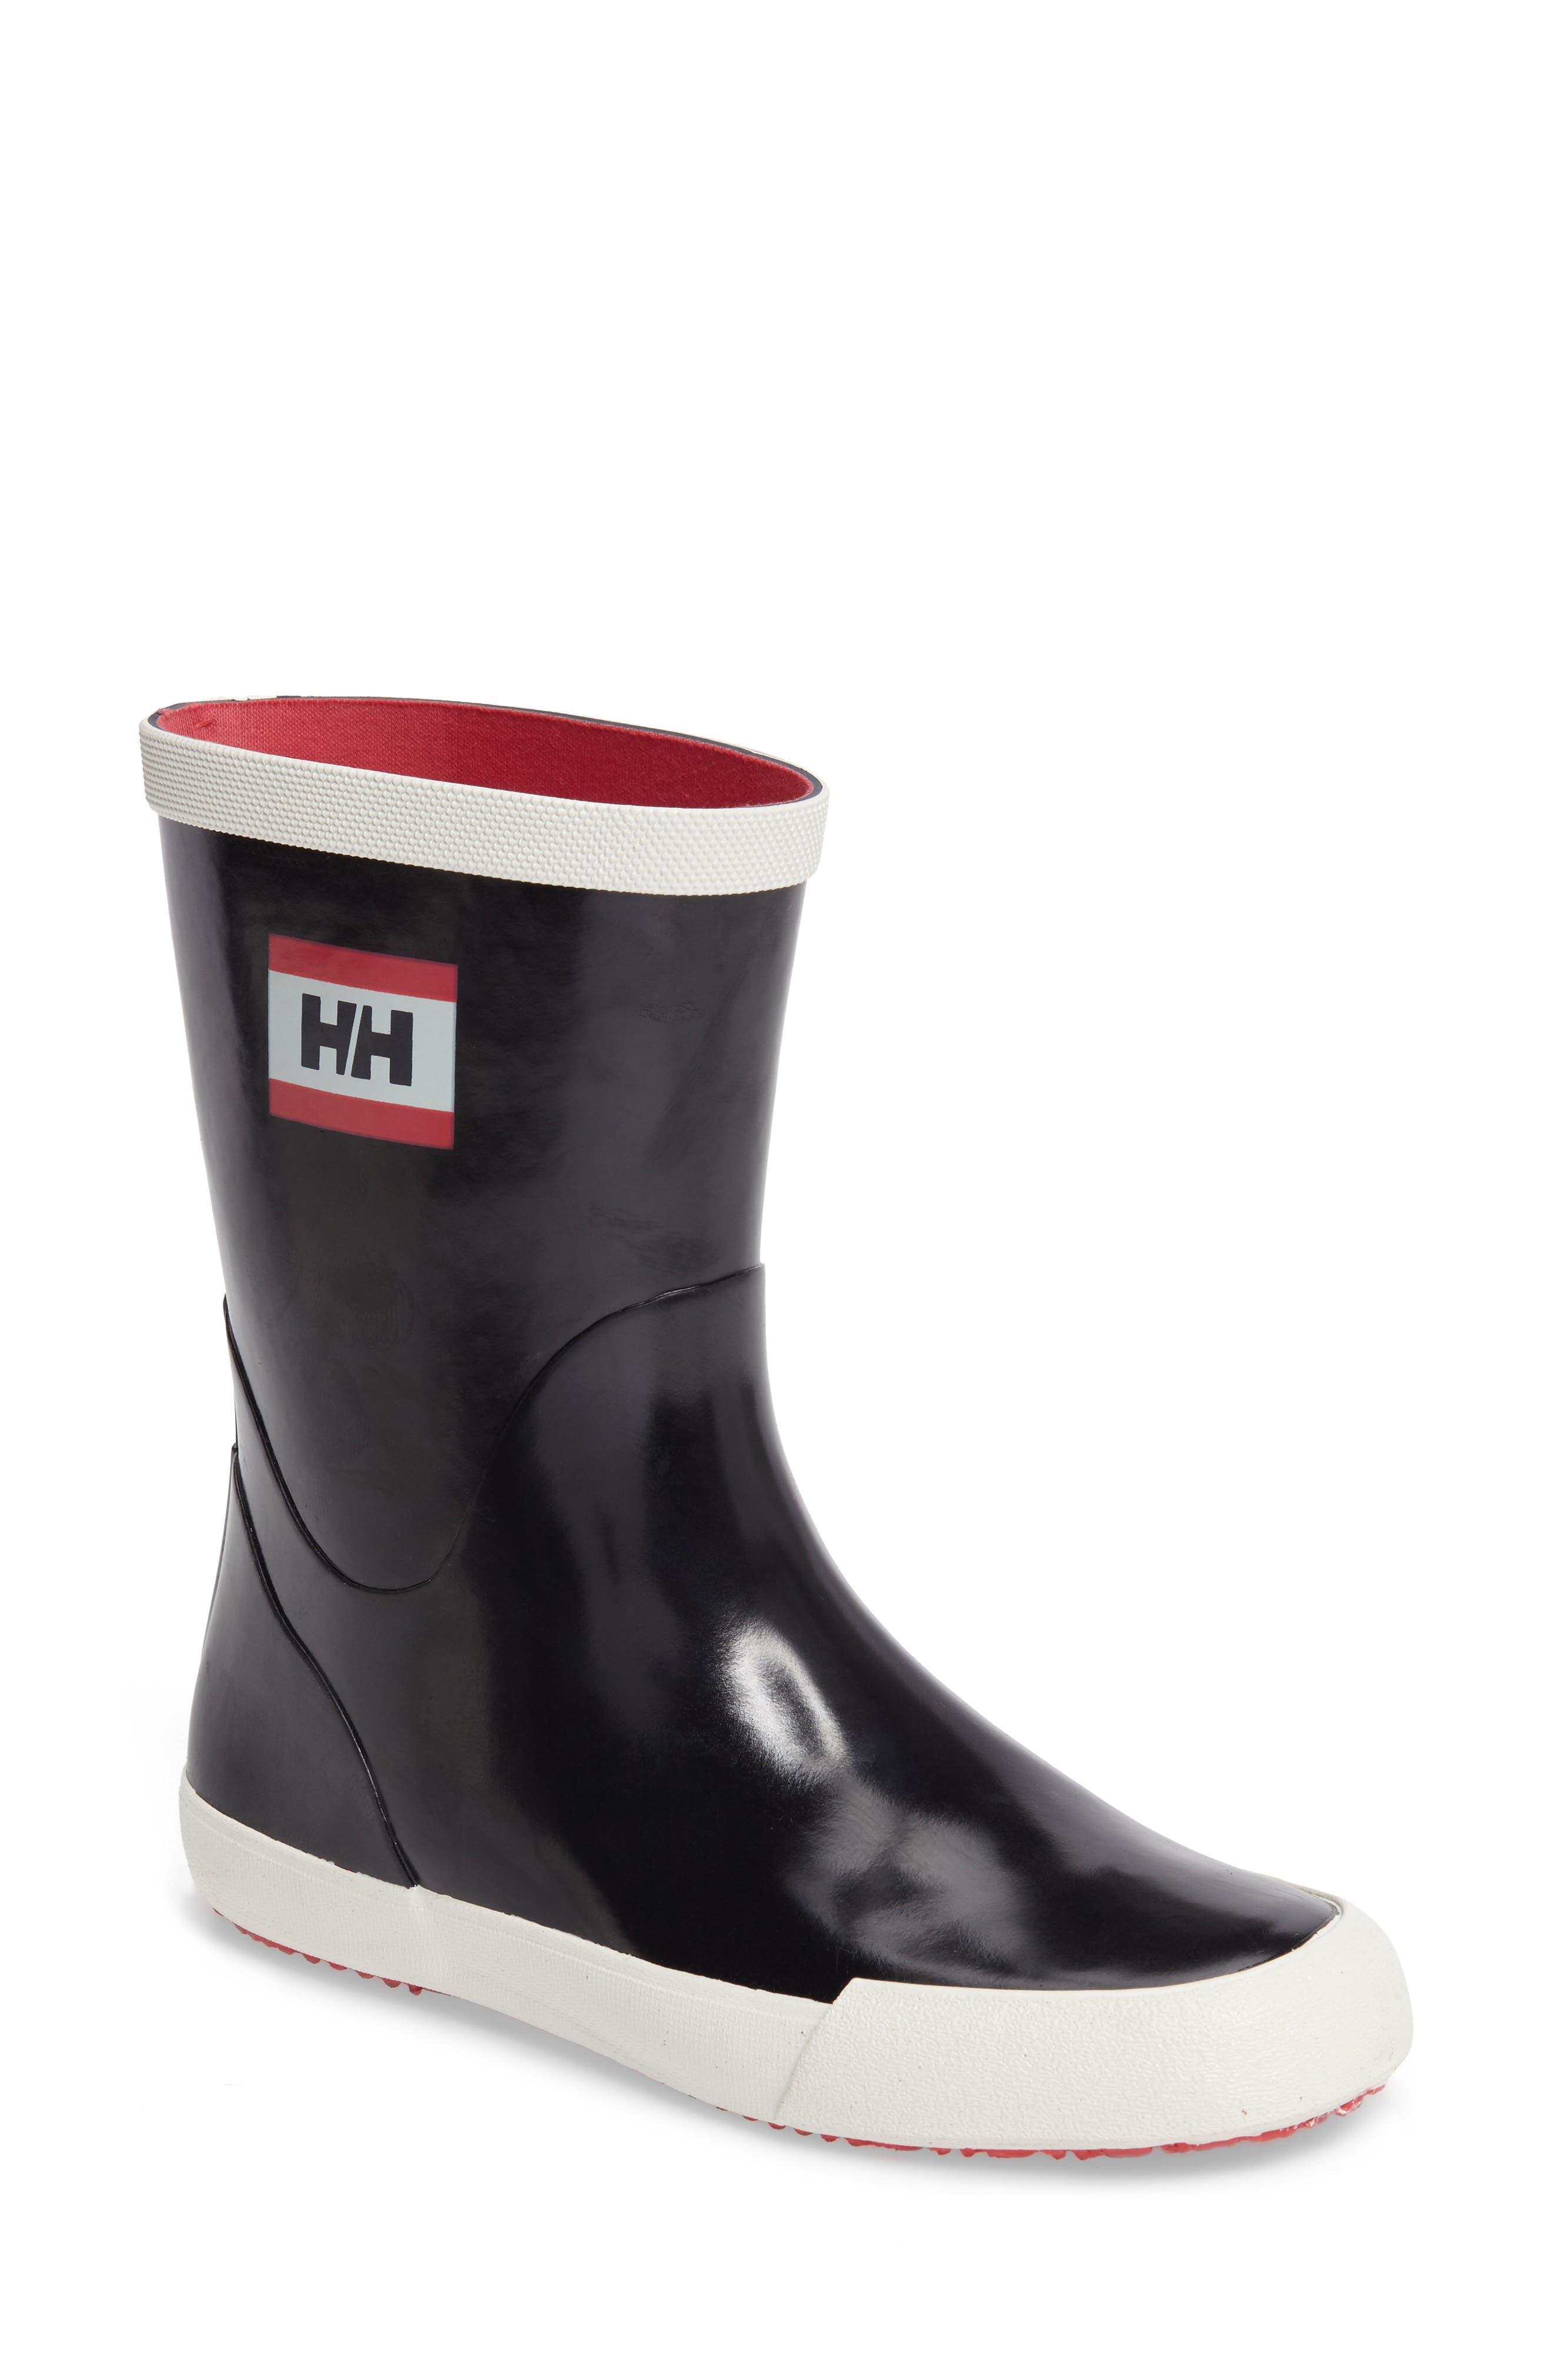 Nordvick Rain Boot,                             Main thumbnail 1, color,                             400